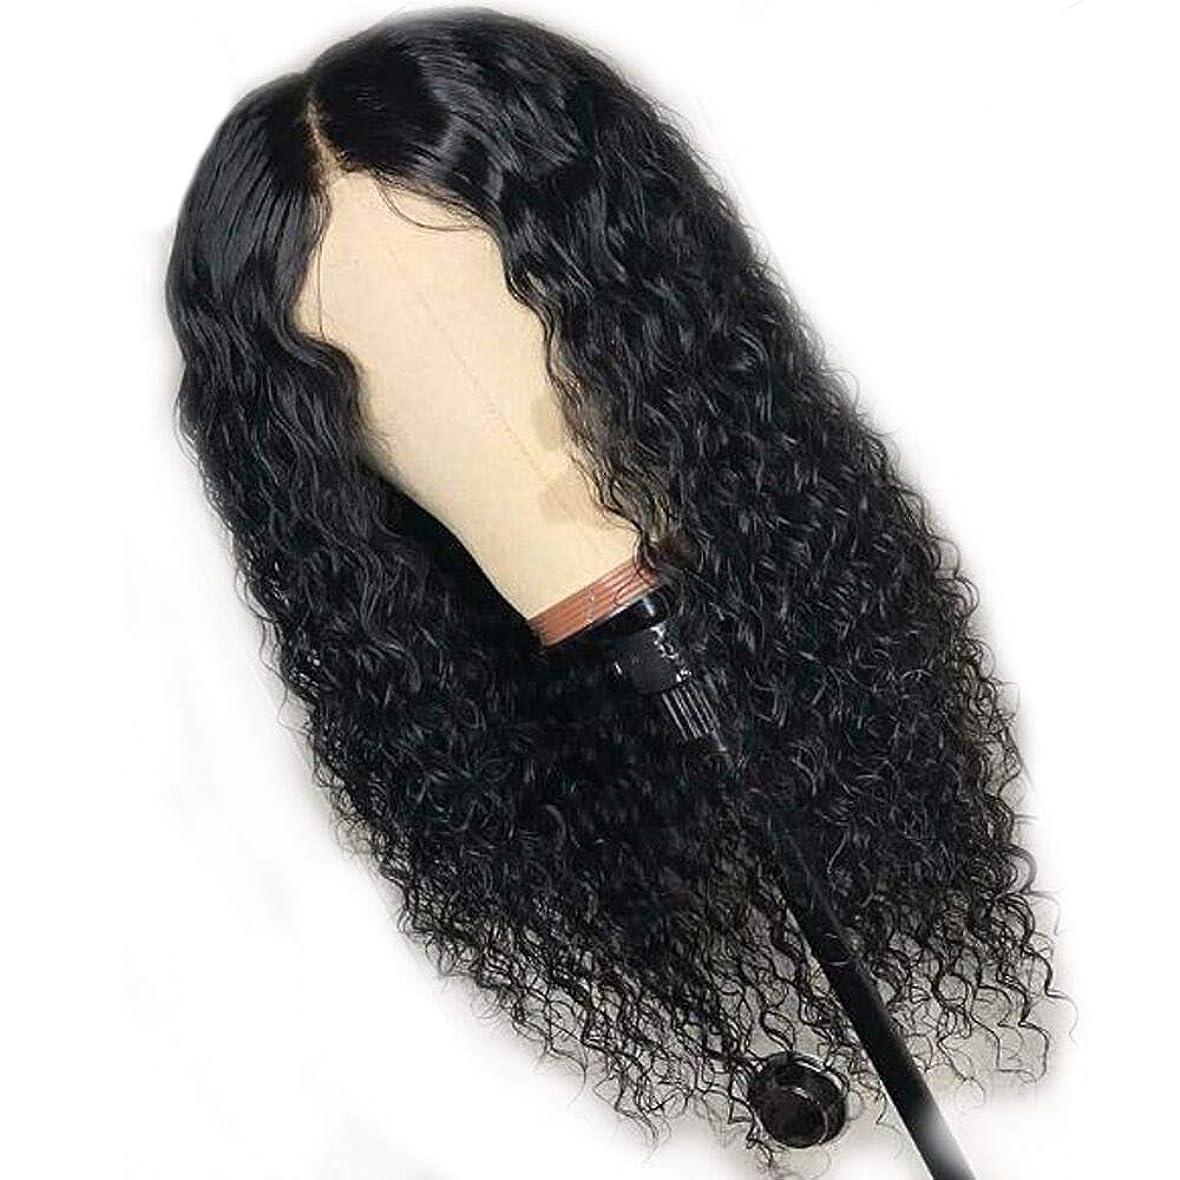 カテゴリー共同選択直径ブラジルかつらレースカーリー合成かつらで赤ん坊の毛高品質かつら用女性耐熱ファイバーローズヘアネット56 cm